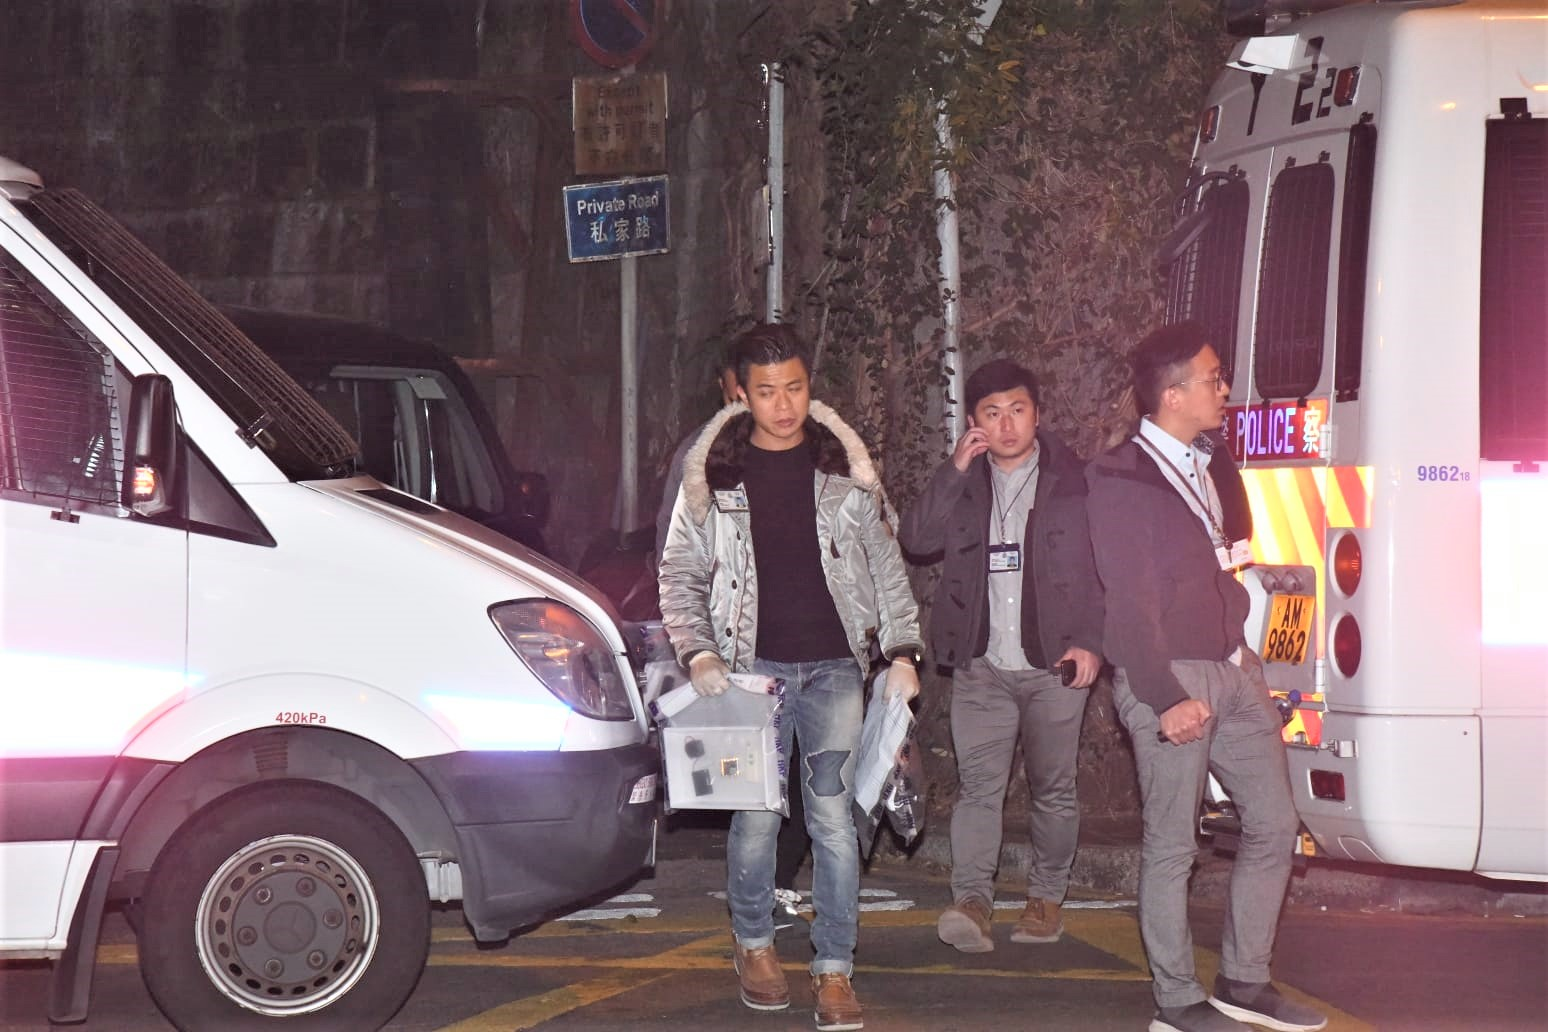 港华发现爆炸品 校方:无证据显示与师生有关